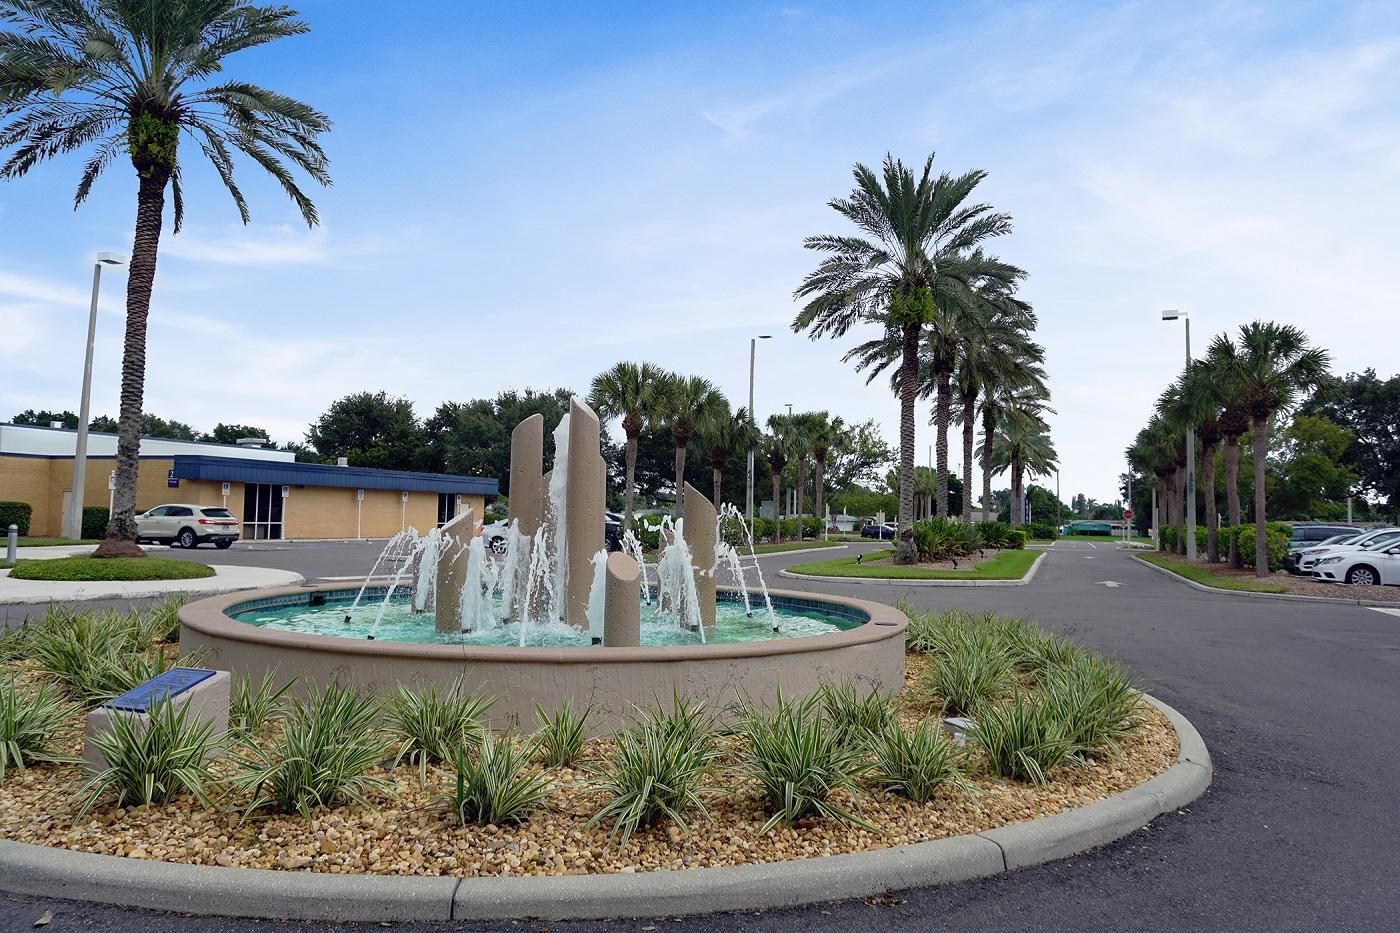 College campus landscape enhancements